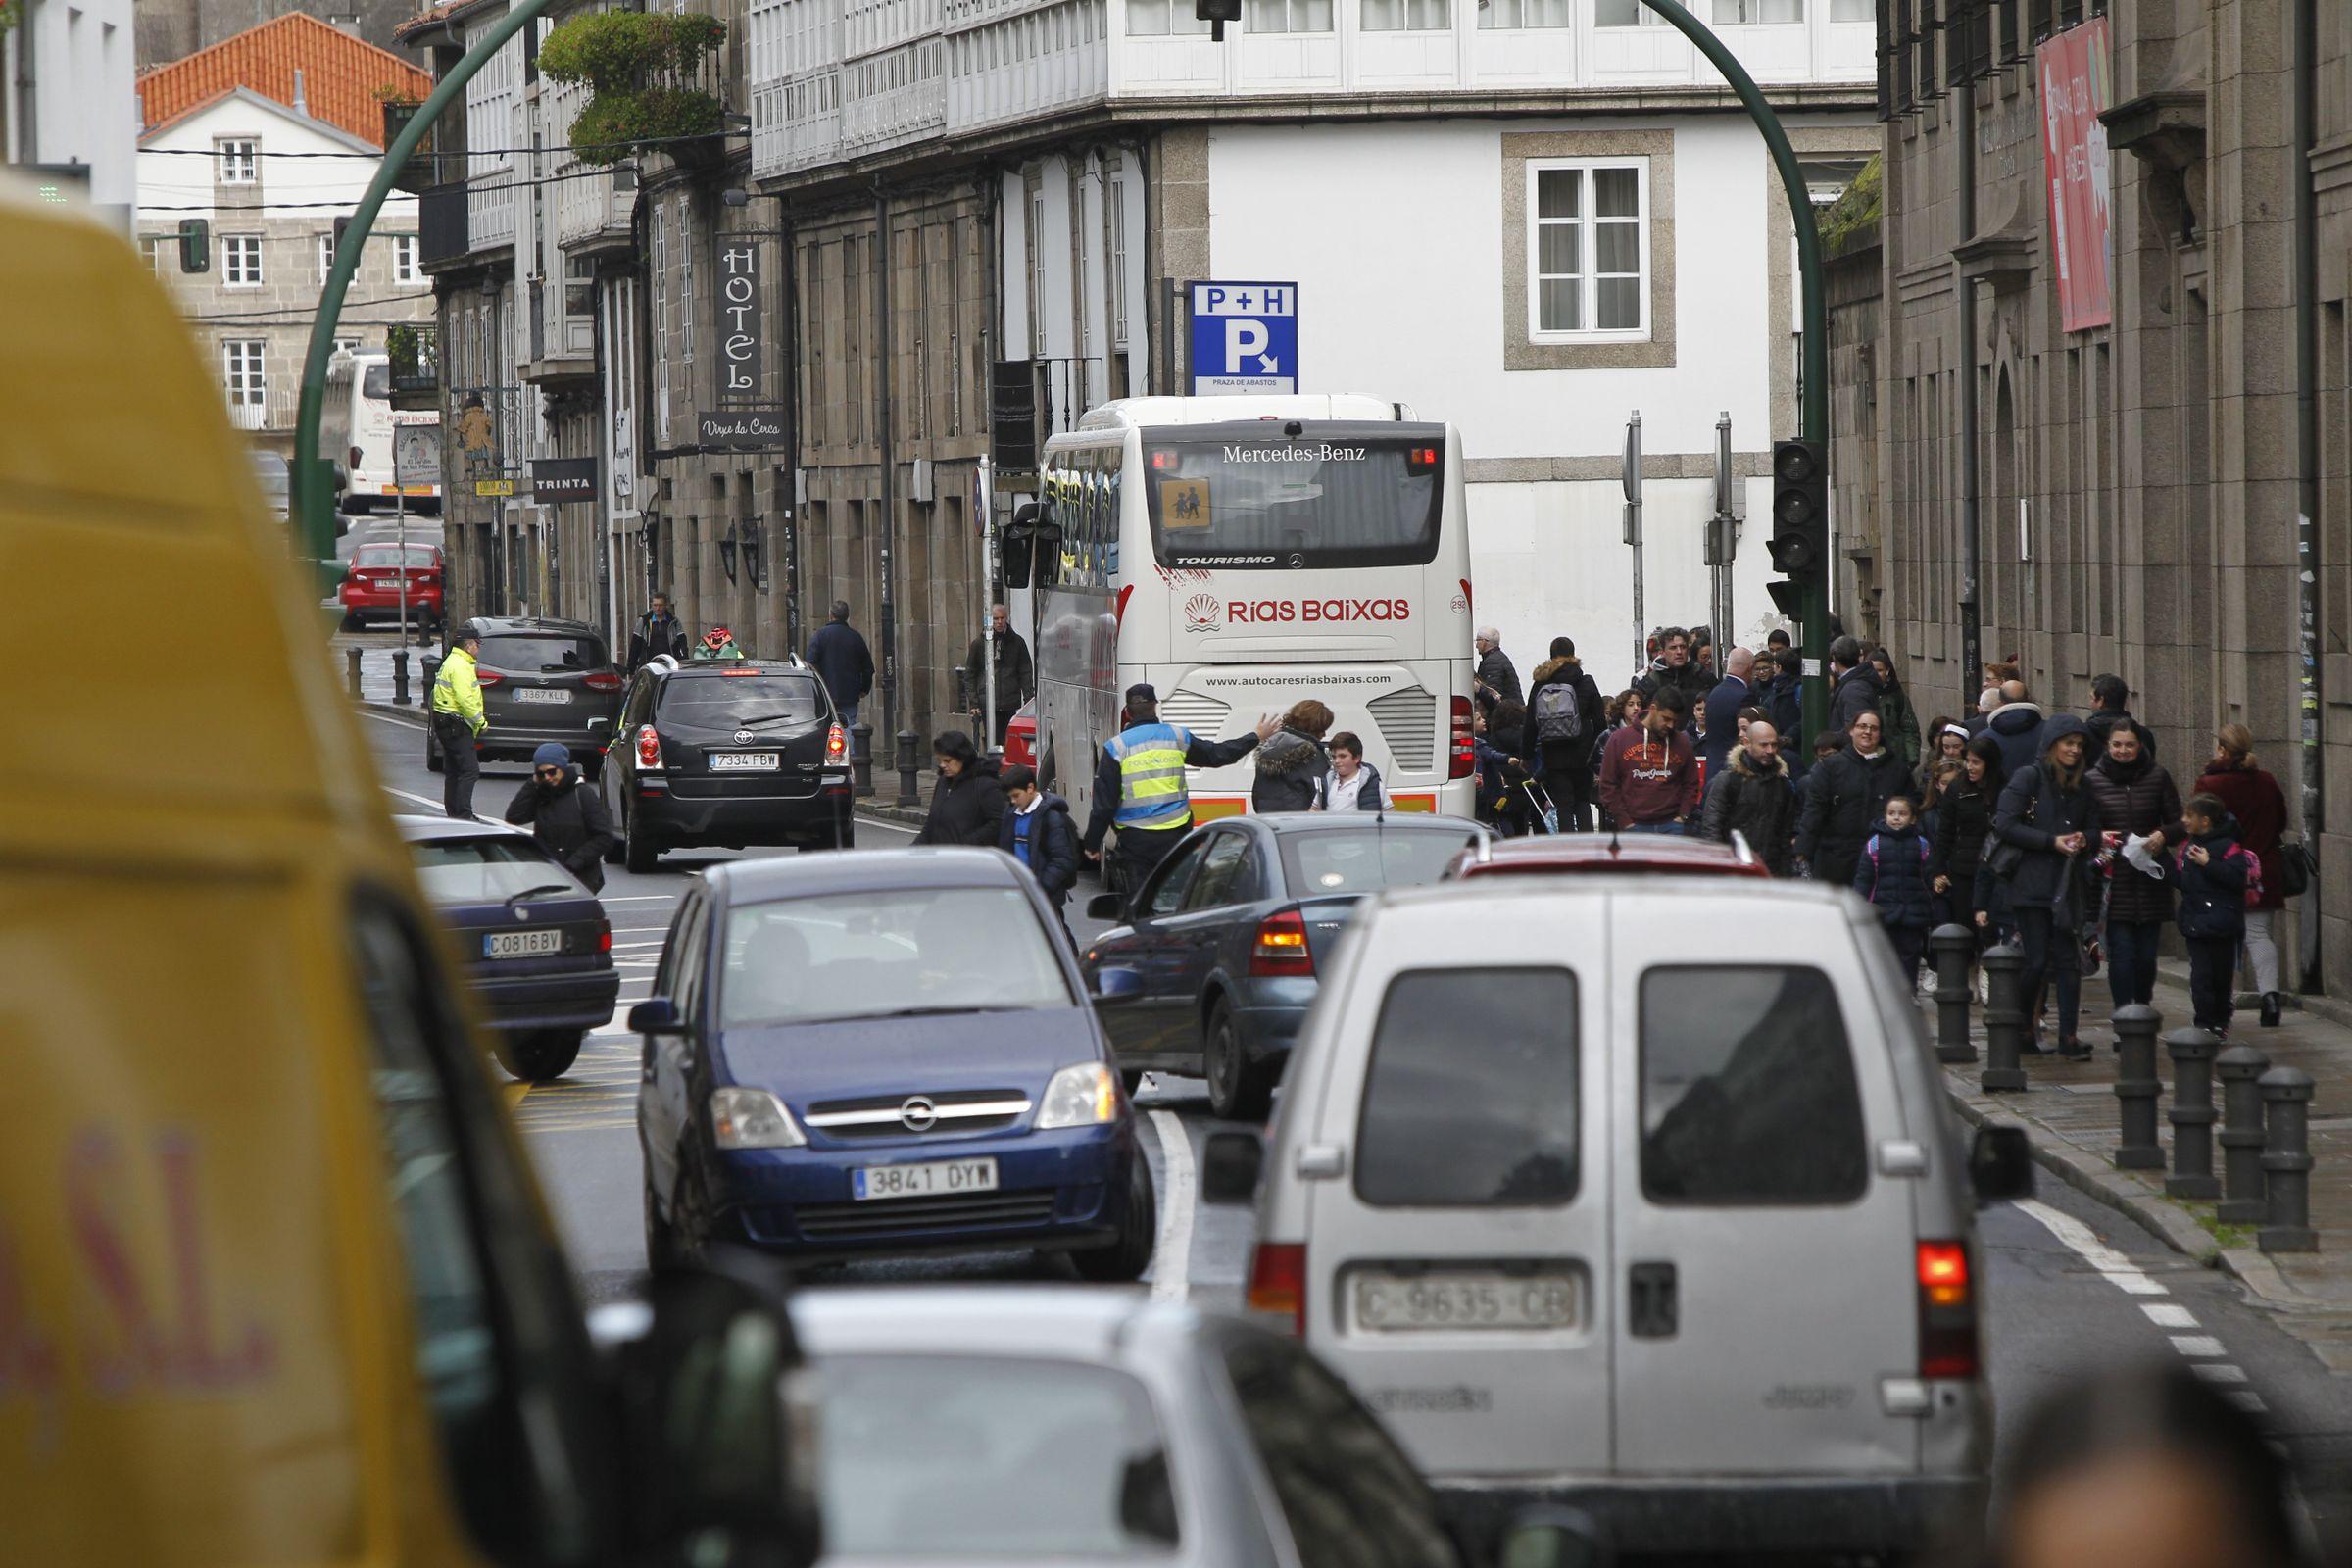 SANTIAGO: El área de Virxe da Cerca acumula hasta cuatro colegios que convierten el tráfico en una pesadilla